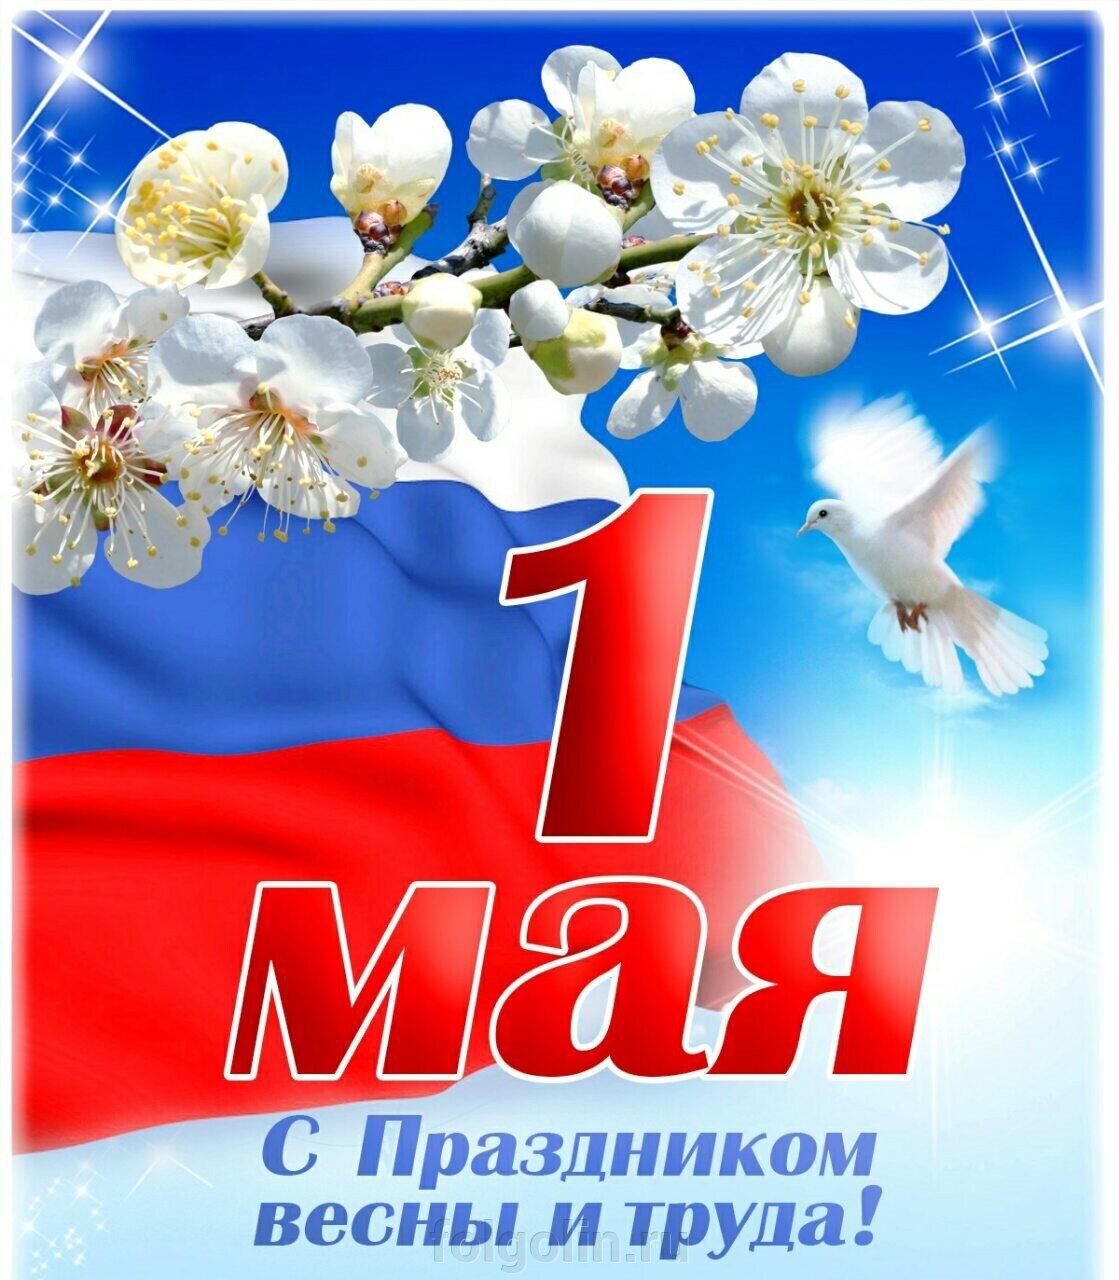 Работа офиса в майские праздники. - фото pic_b1751d1859652a62c4aed314520d58ef_1920x9000_1.jpg